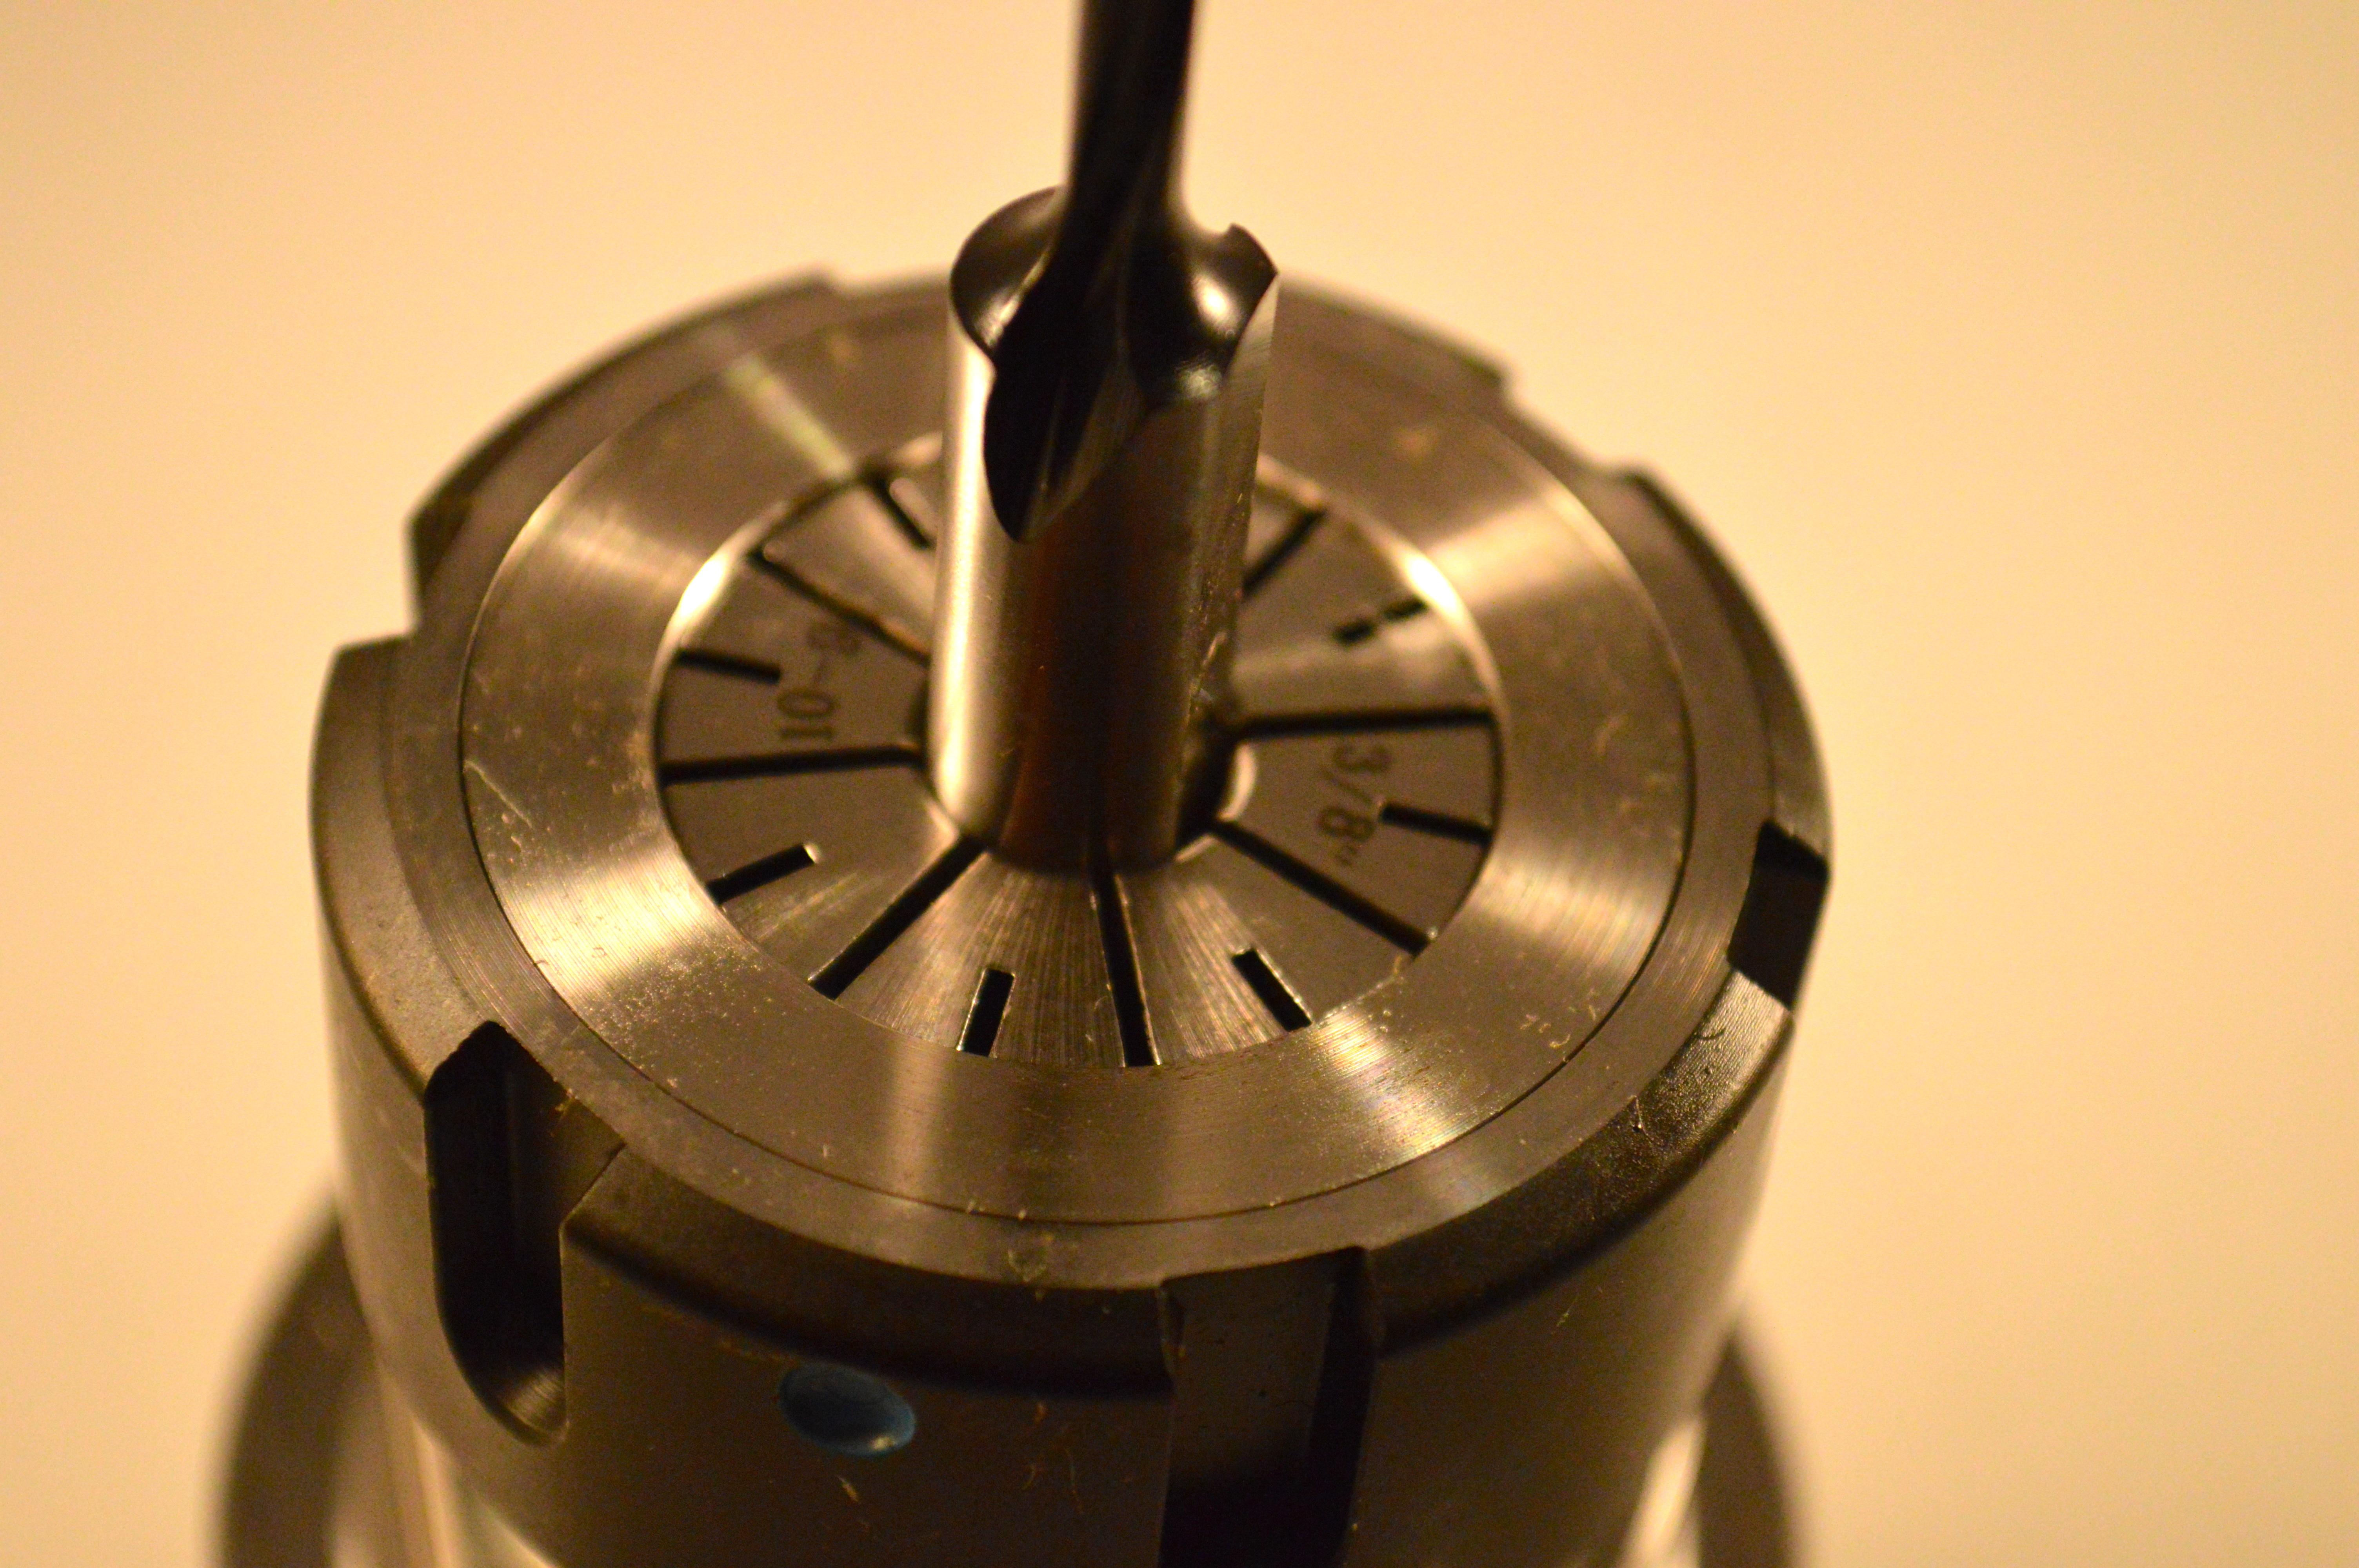 Guhdo toolholder drill bit shank HSK collet